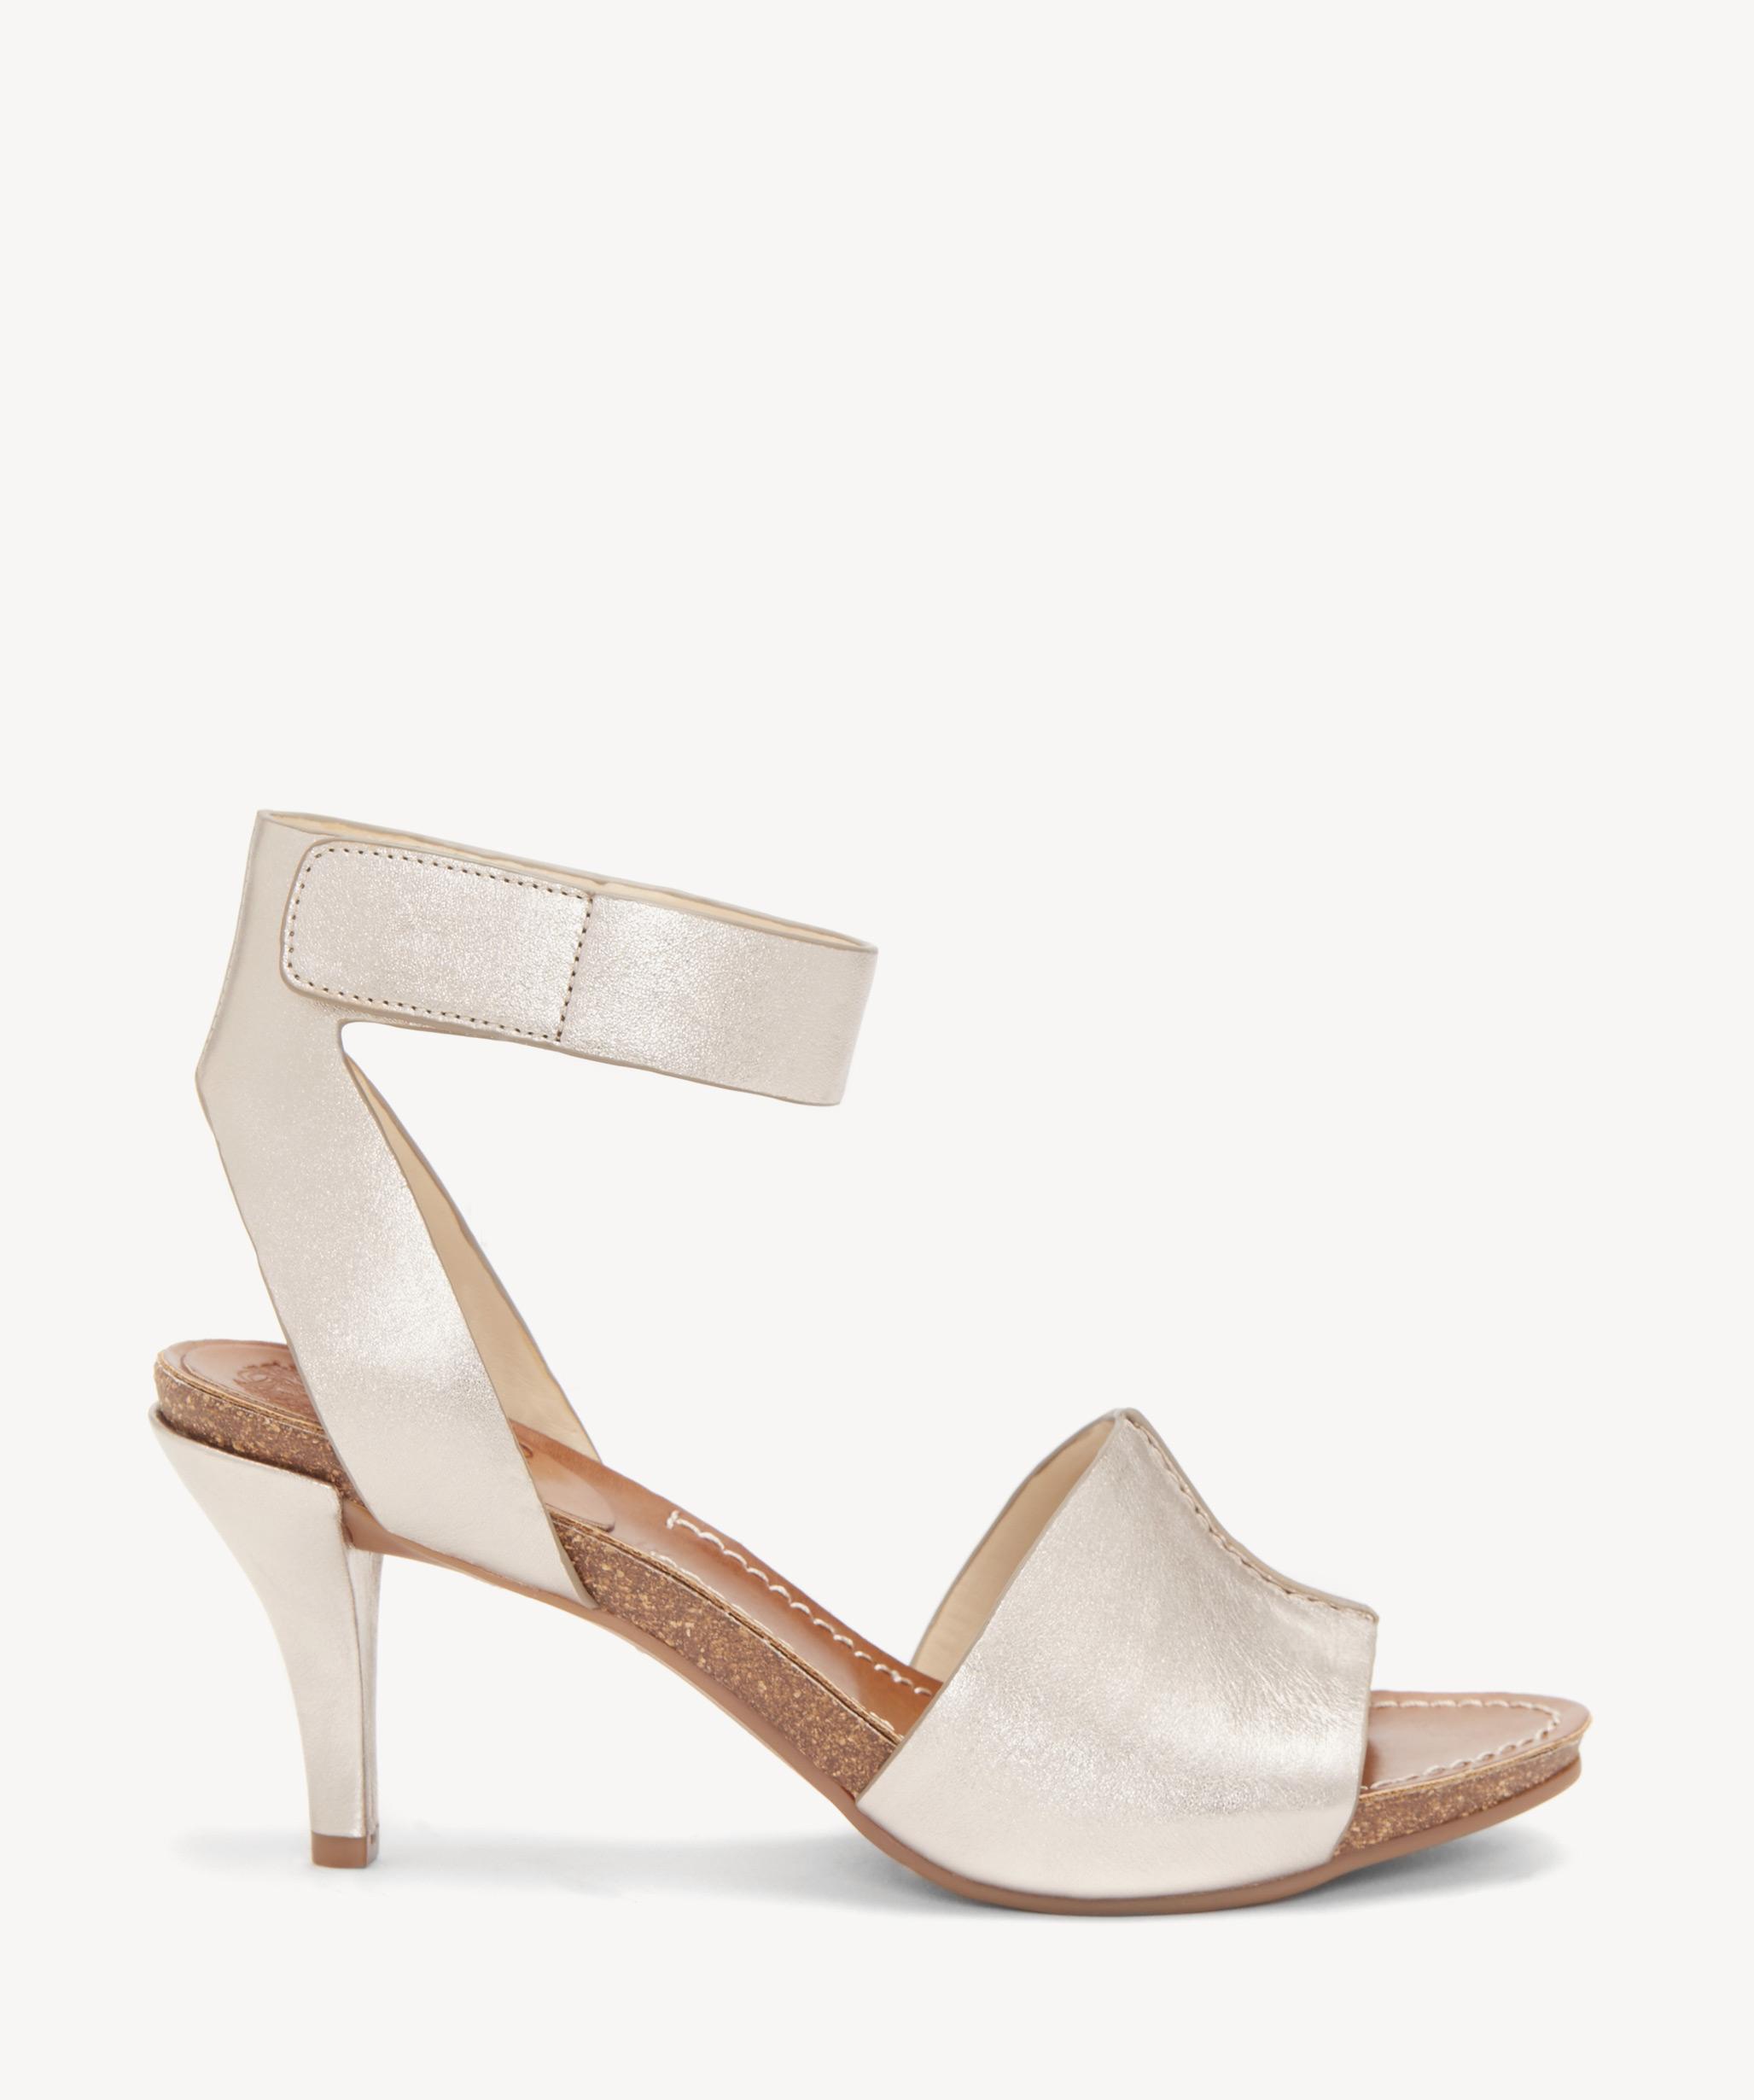 9049ee870cd Vince Camuto Women s Odela Heeled Sandals In Color  Rose Silver